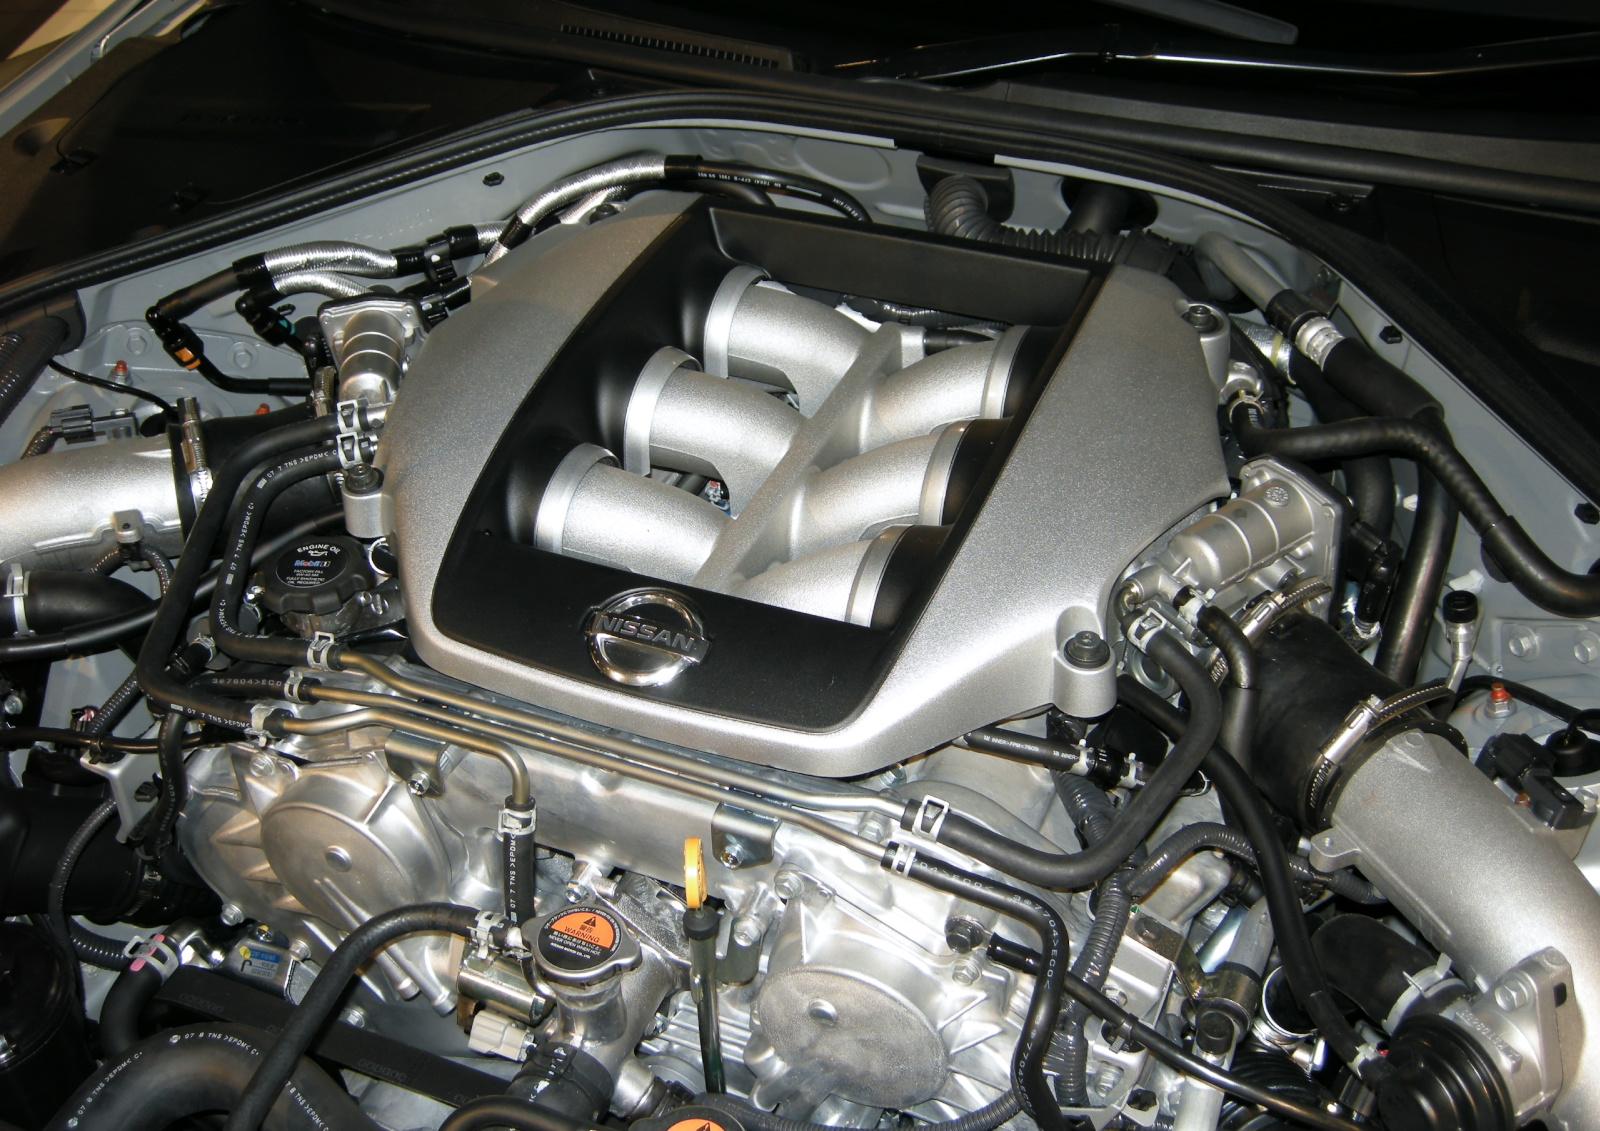 File Nissan Vr38dett Engine Jpg Wikimedia Commons